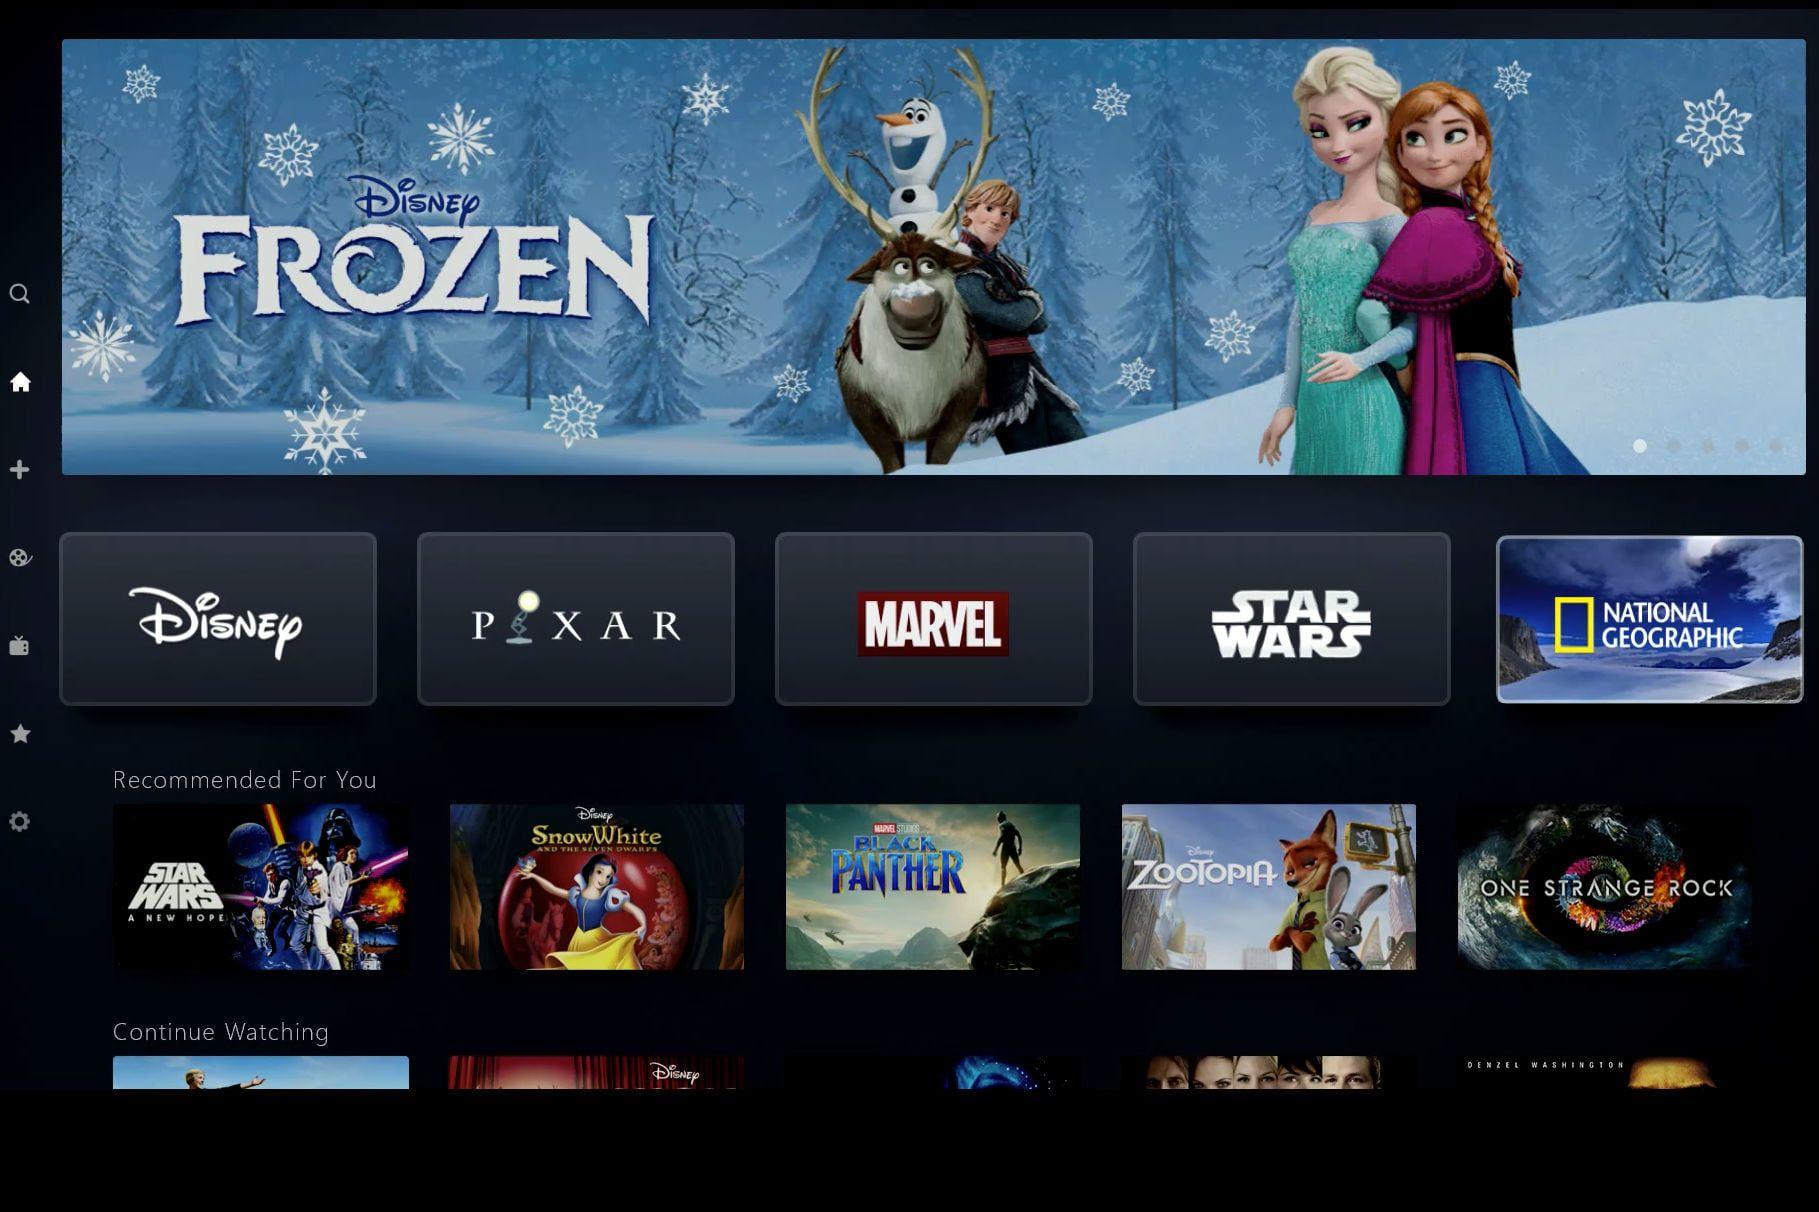 Noen av de største film- og seriehitsene hvert år kommer fra Disney, eller ett av selskapene Disney eier.